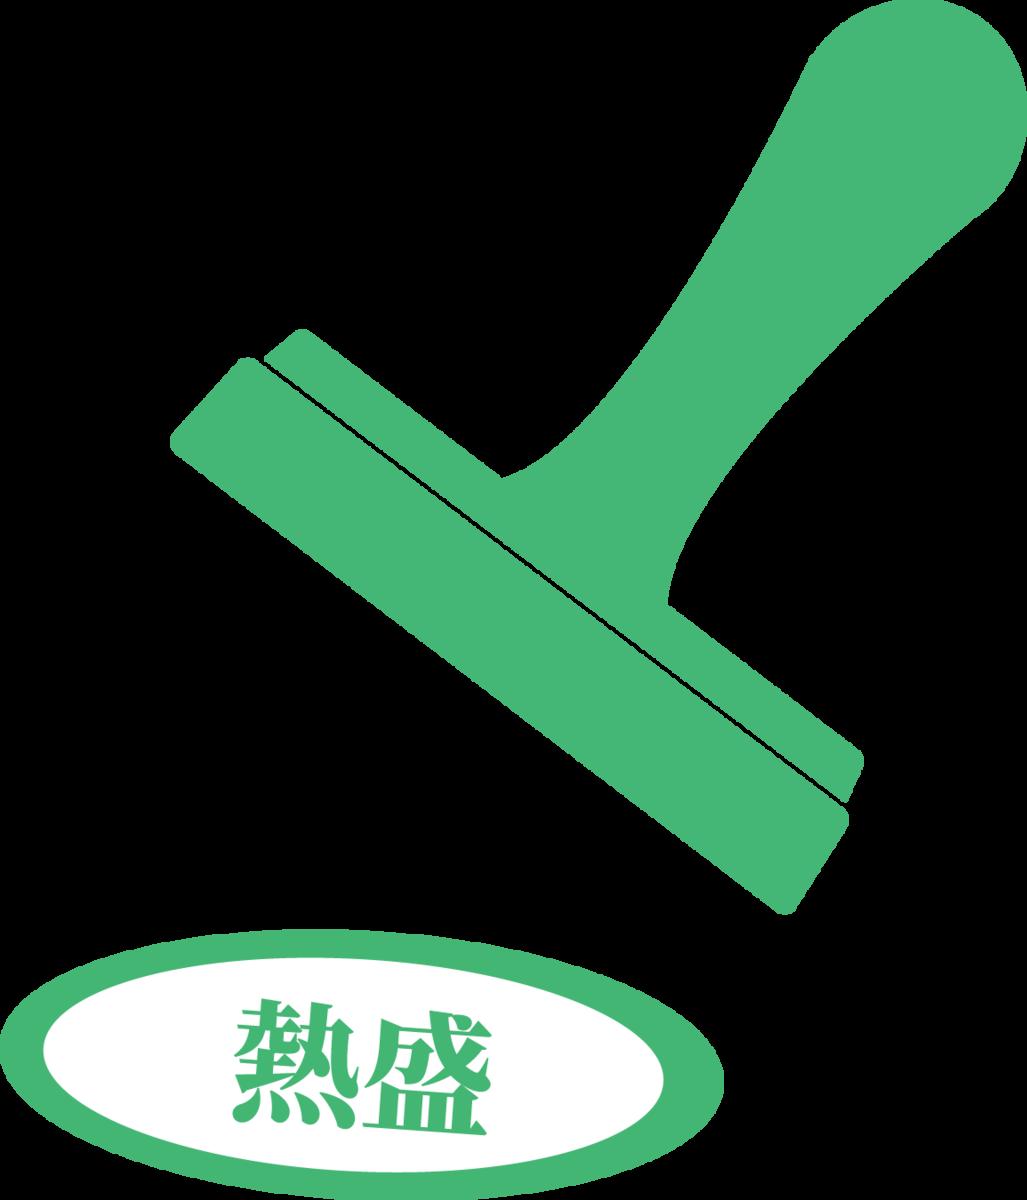 f:id:mojiru:20201026093401p:plain